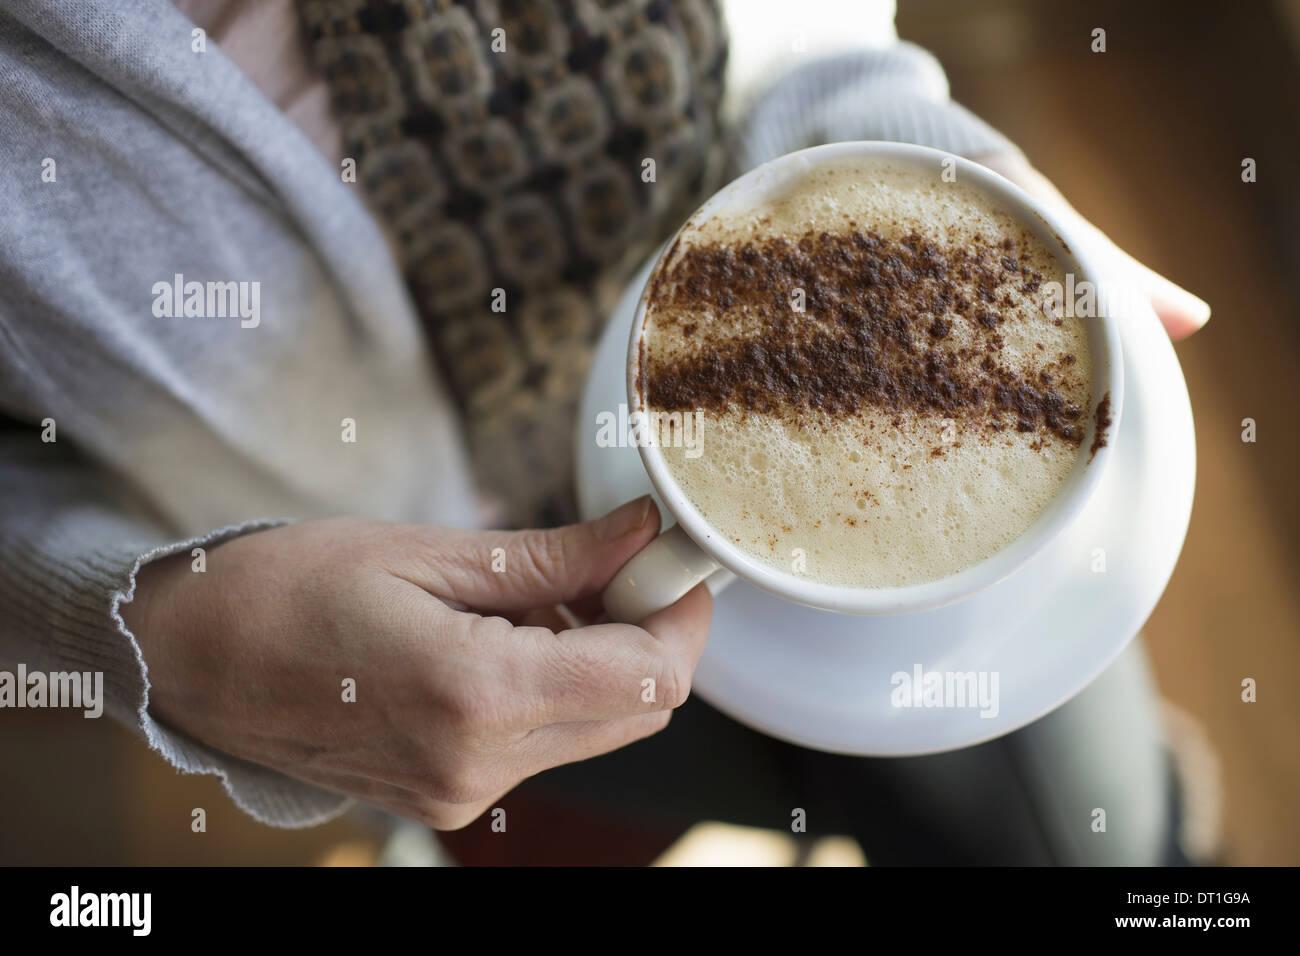 Une personne titulaire d'une pleine tasse de café cappuccino mousseux dans un livre blanc la chine tasse chocolat en poudre saupoudré dans un motif Photo Stock